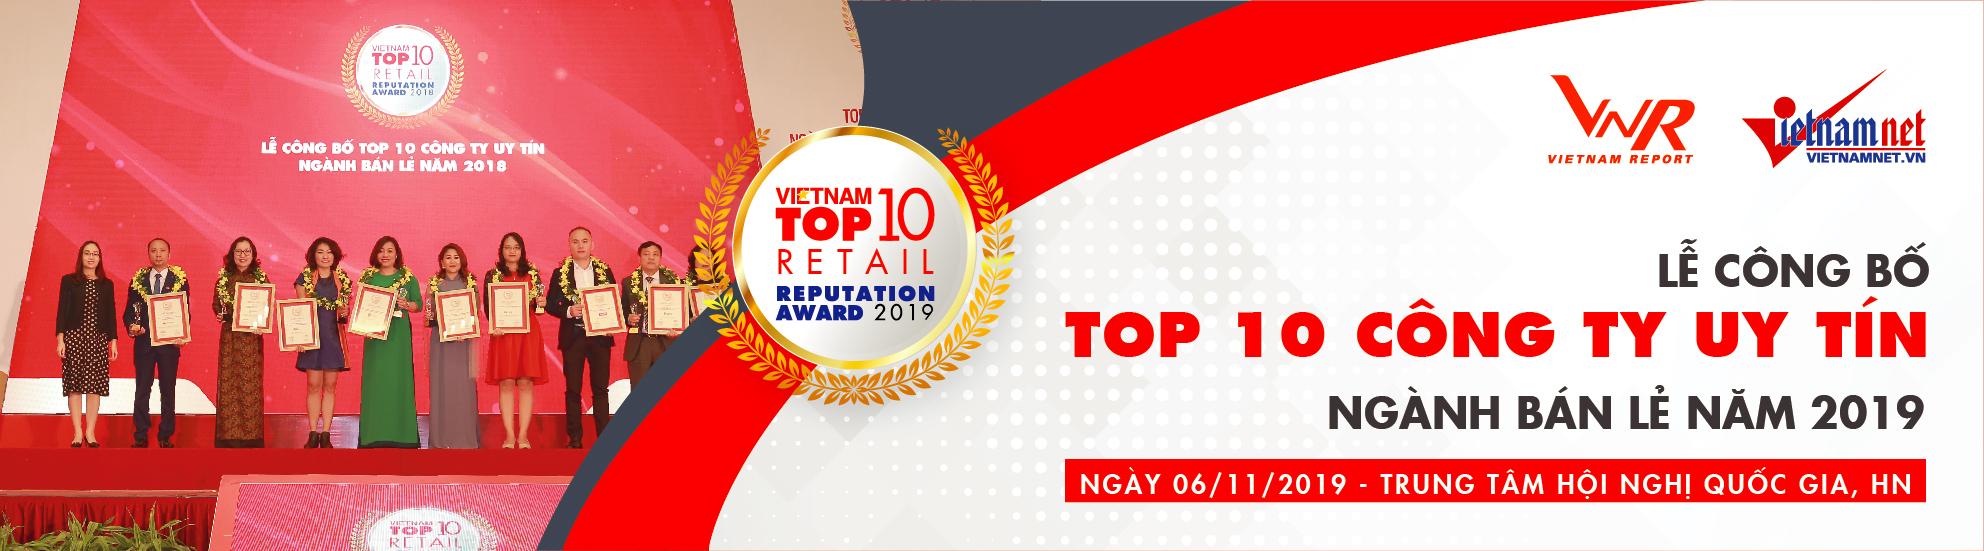 lcb_top10banle_2019